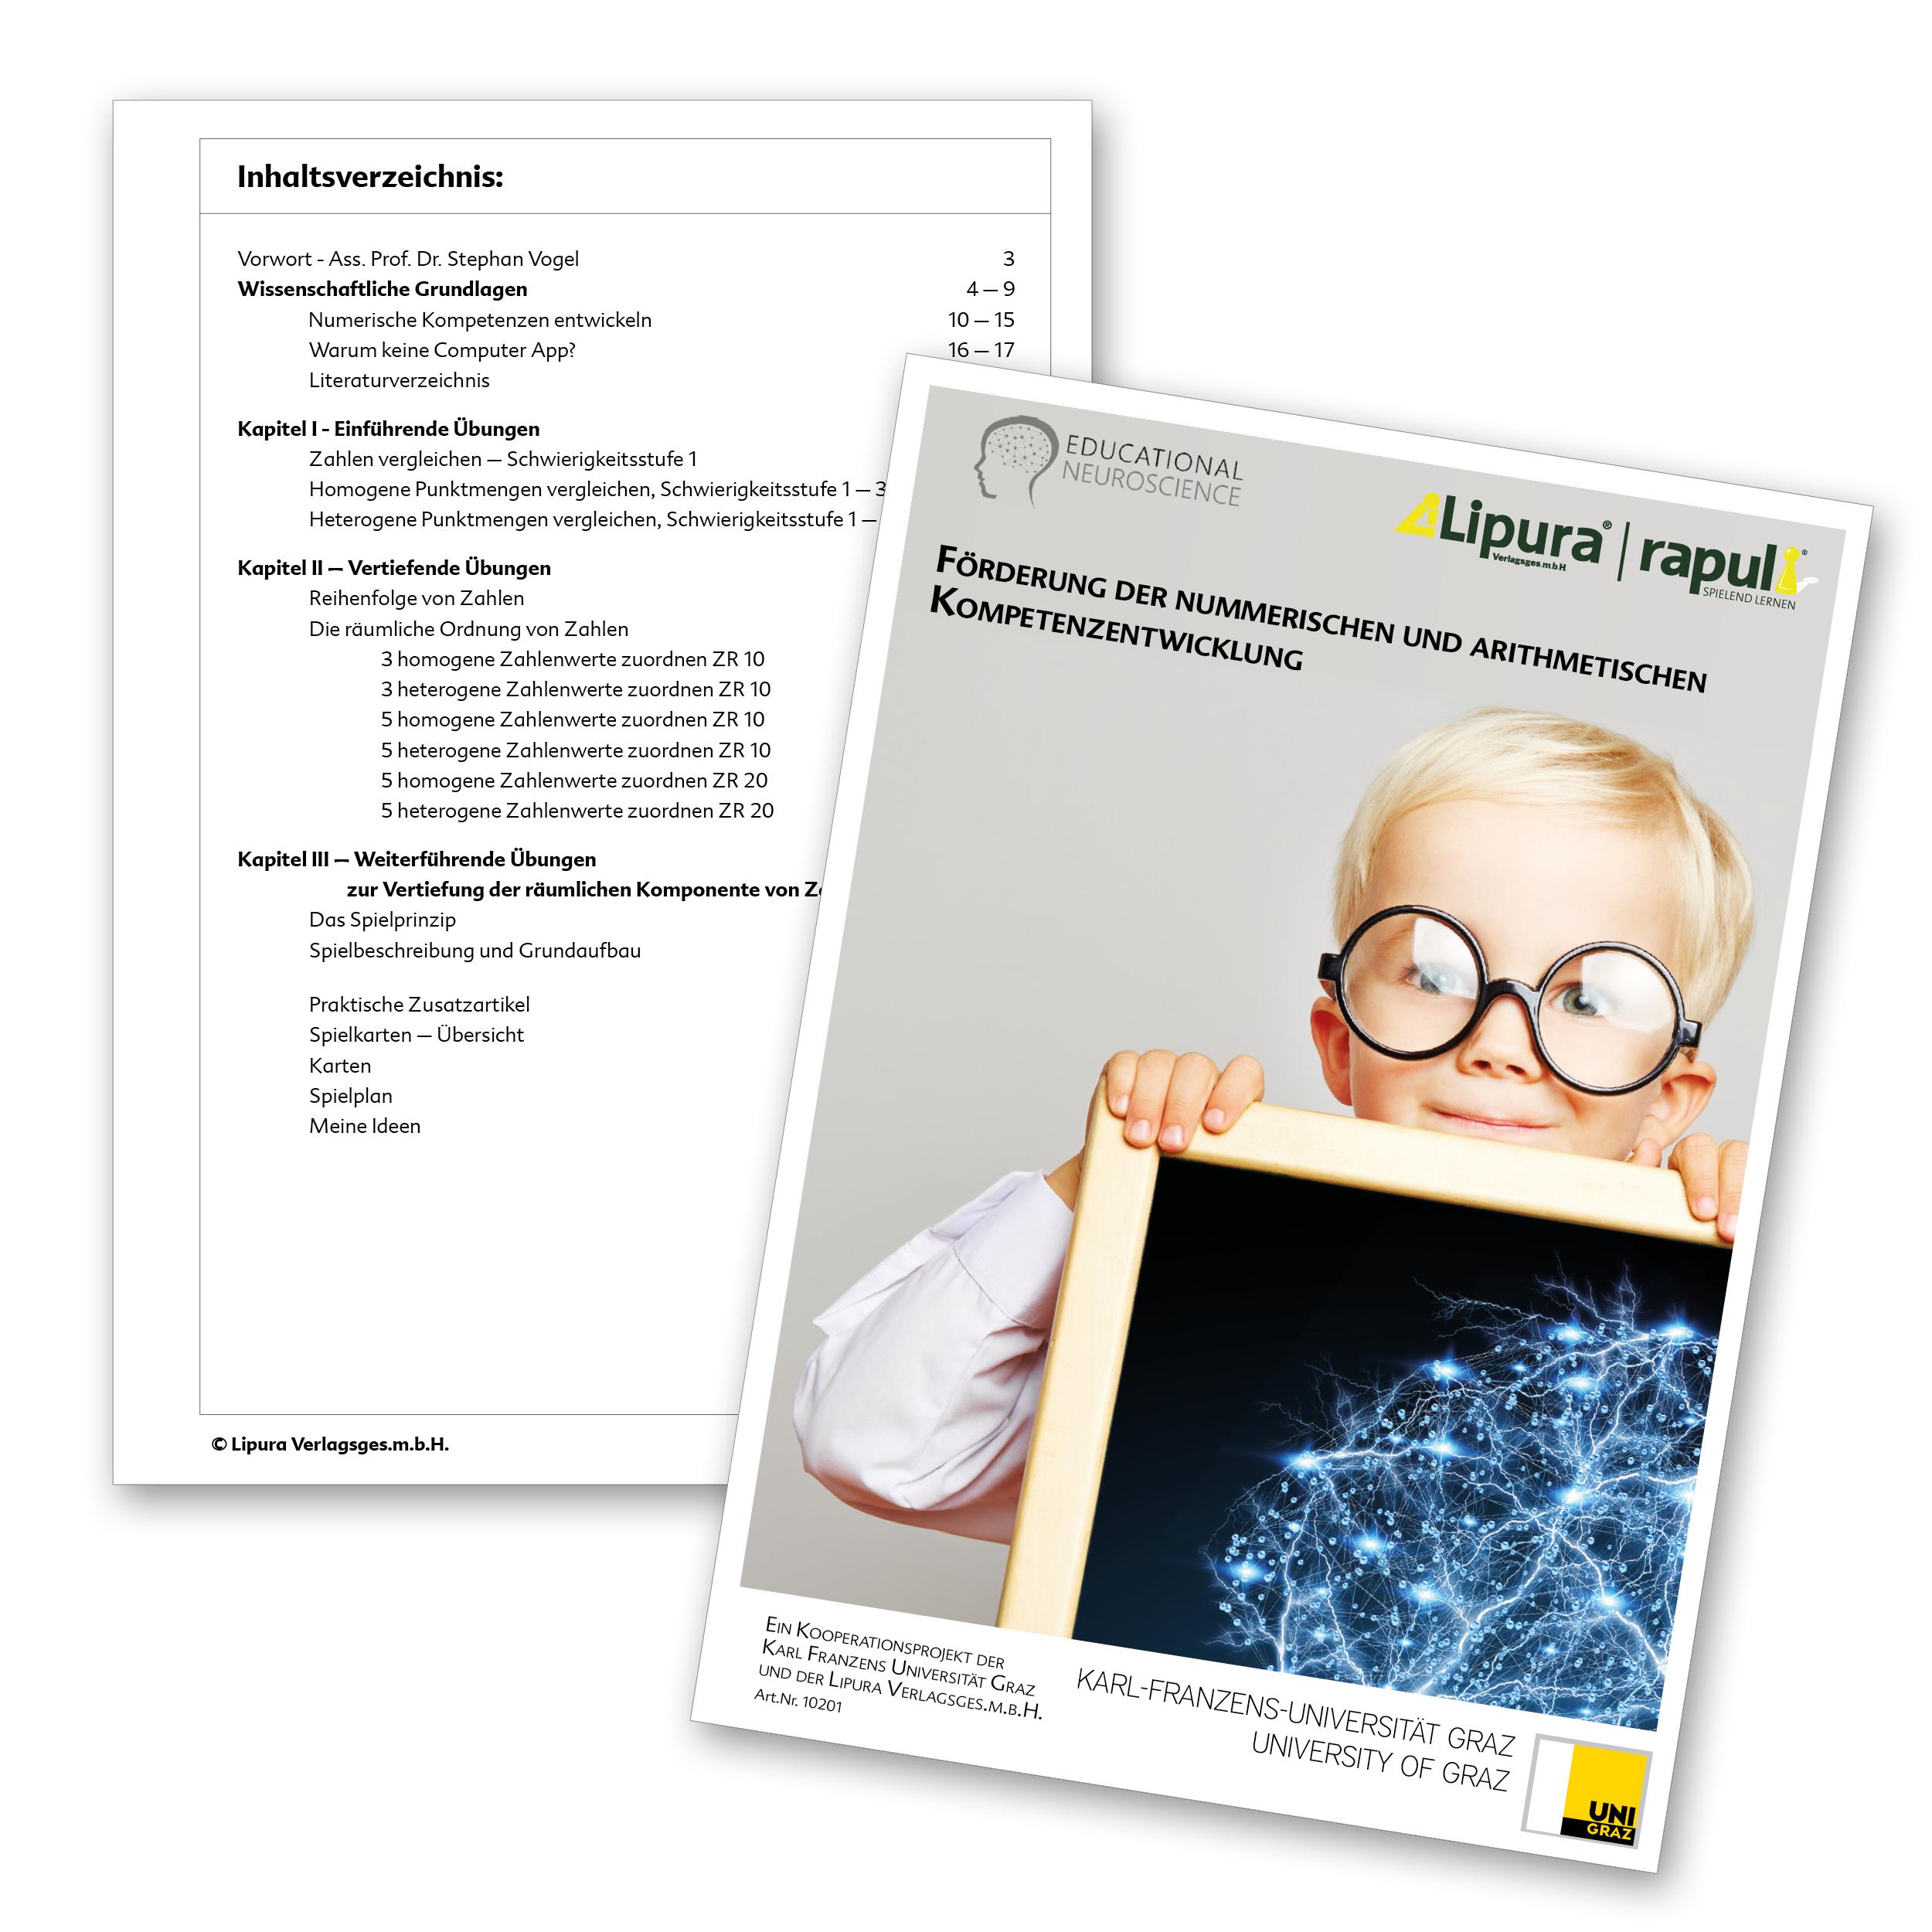 Mathematik - Spiel- und Unterrichtsmaterialien   Lipura rapuli